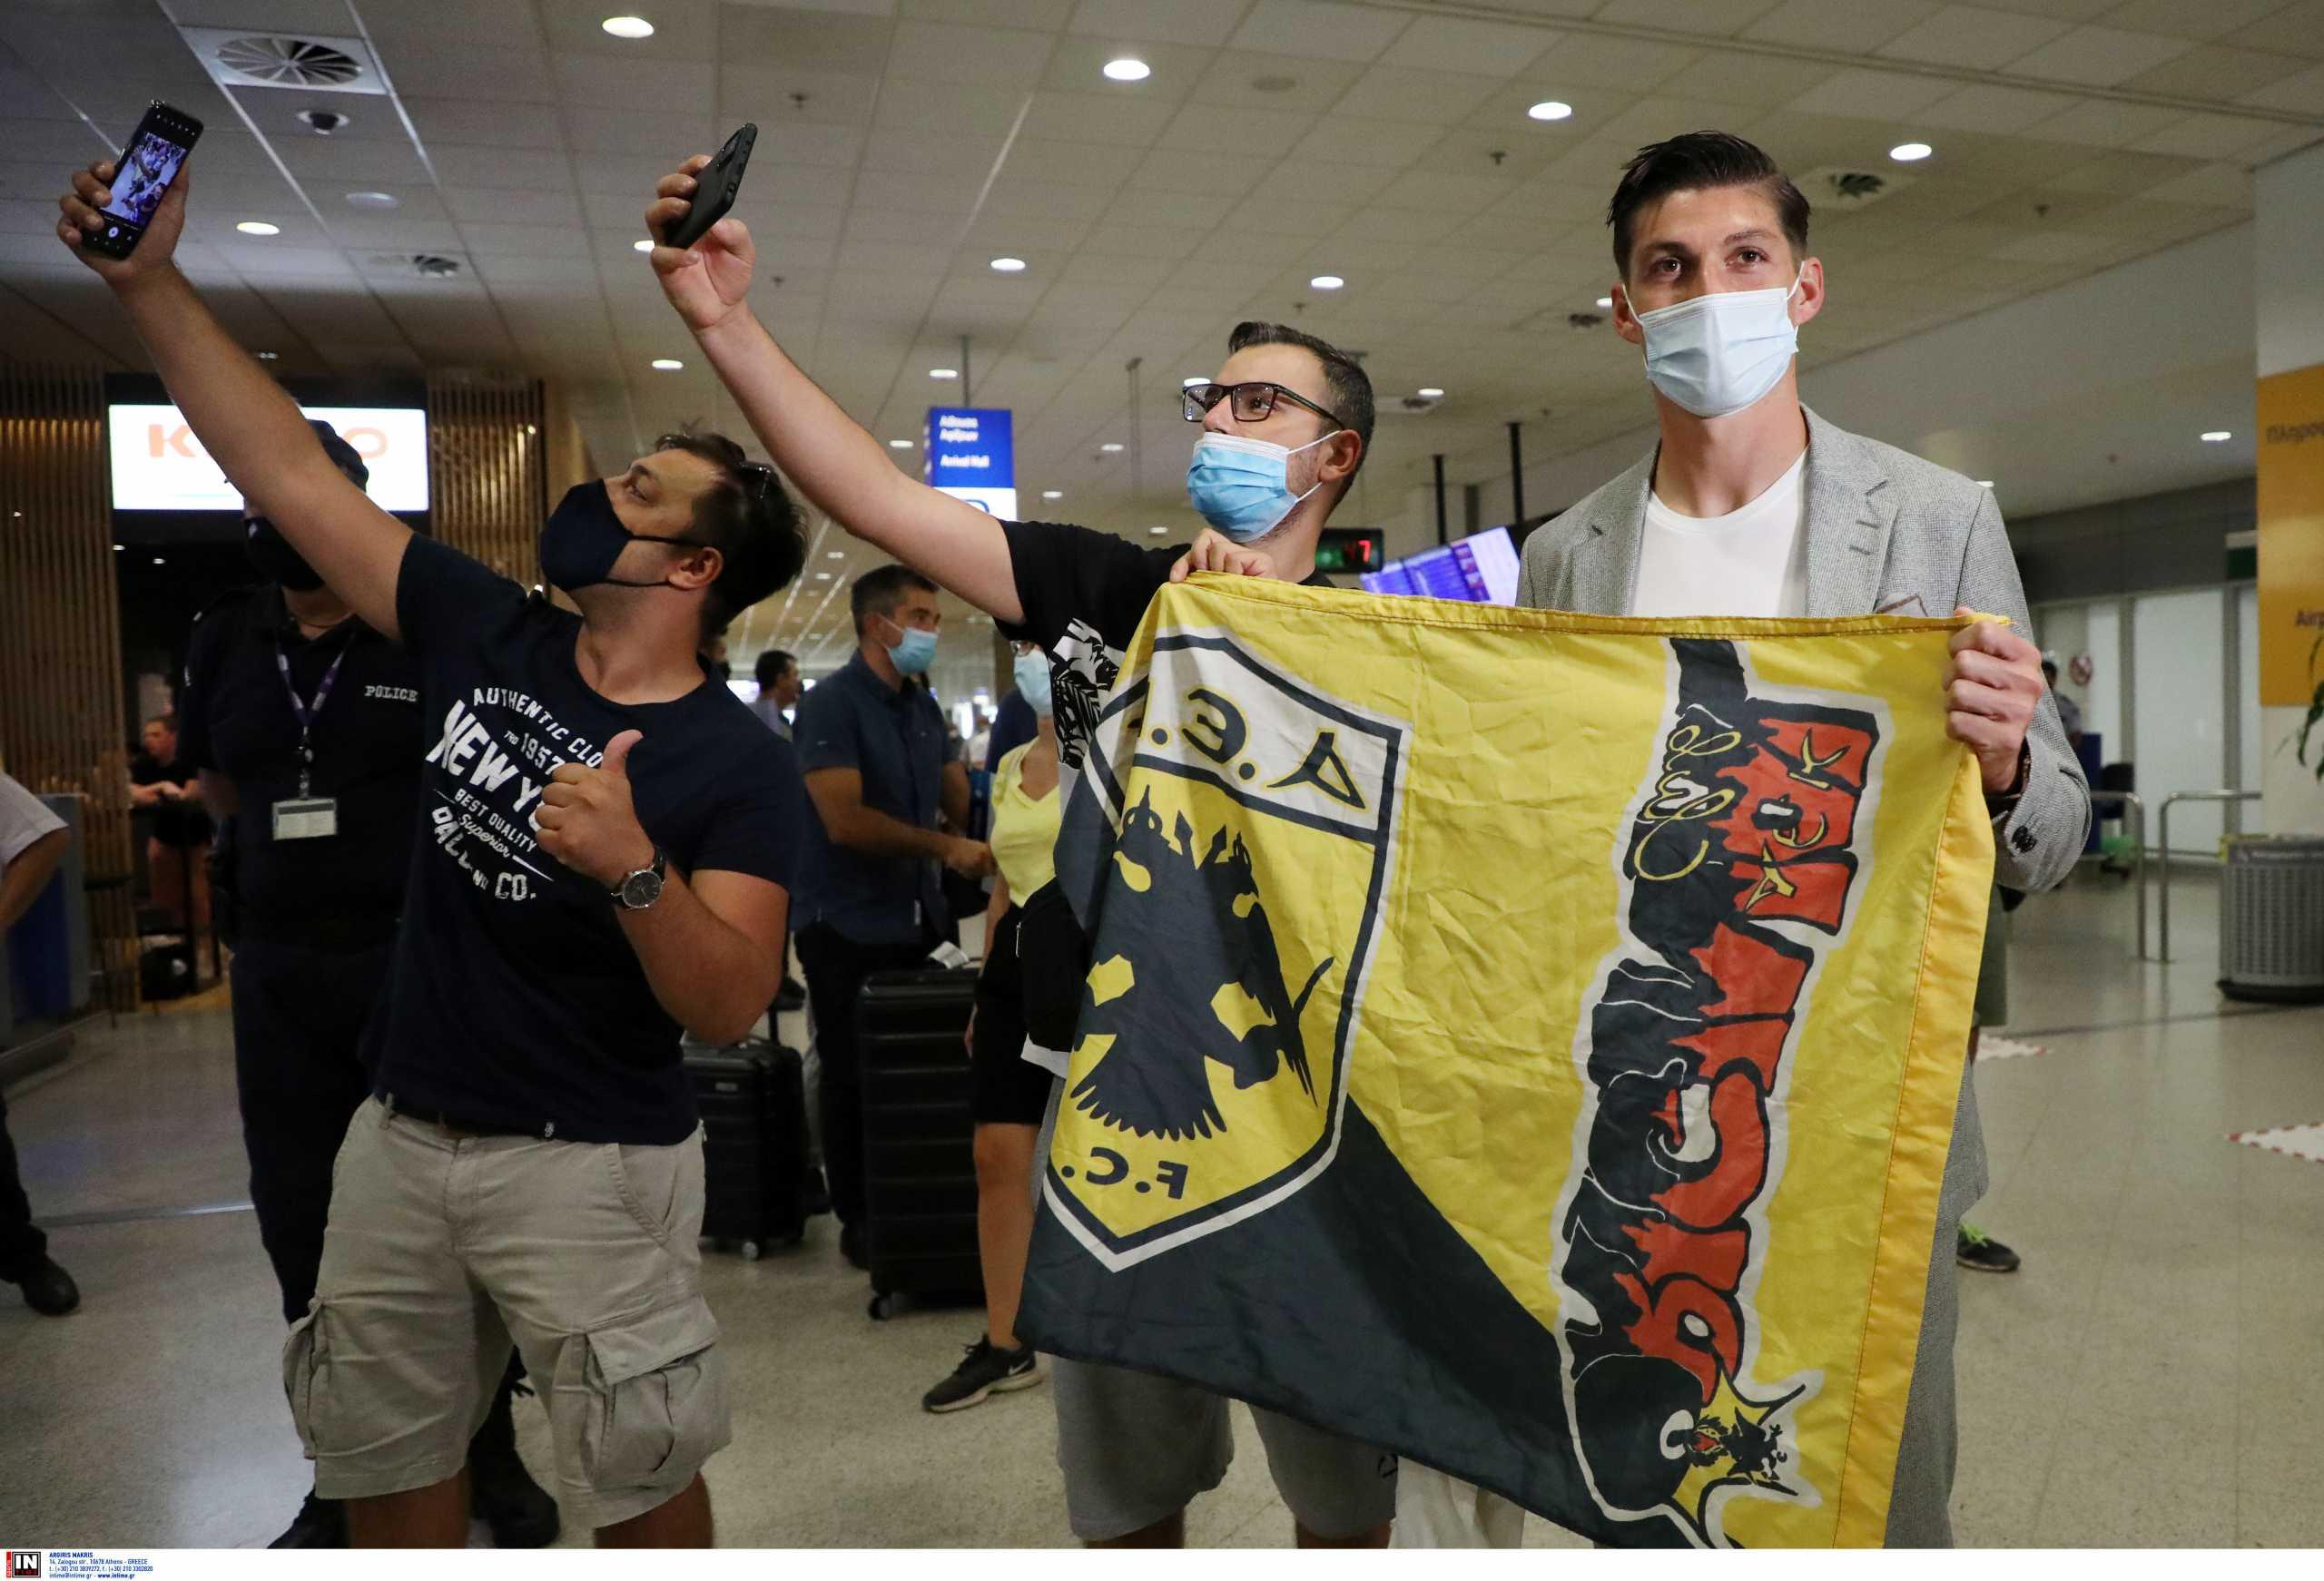 ΑΕΚ – Στην Ελλάδα ο Τσούμπερ: «Ο σύλλογος μου έδειξε πόσο σημαντικός είμαι για την ομάδα»